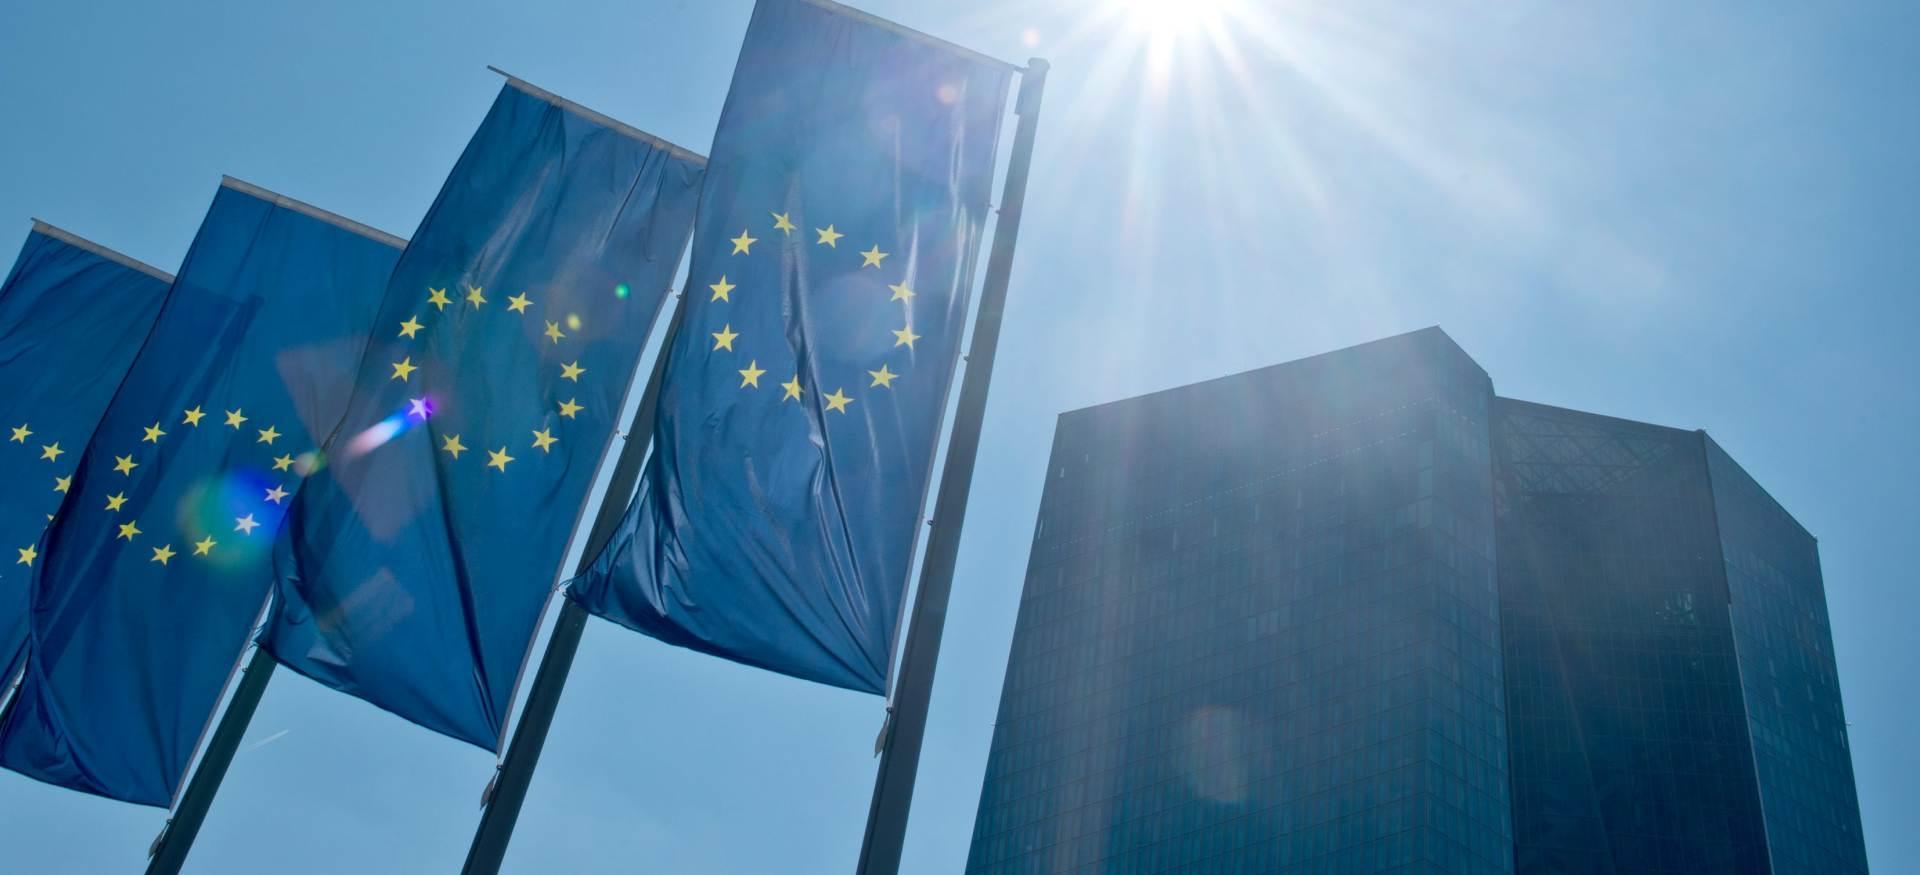 Američko ministarstvo pravosuđa istražuje moguće nezakonitosti u Deutsche Banku